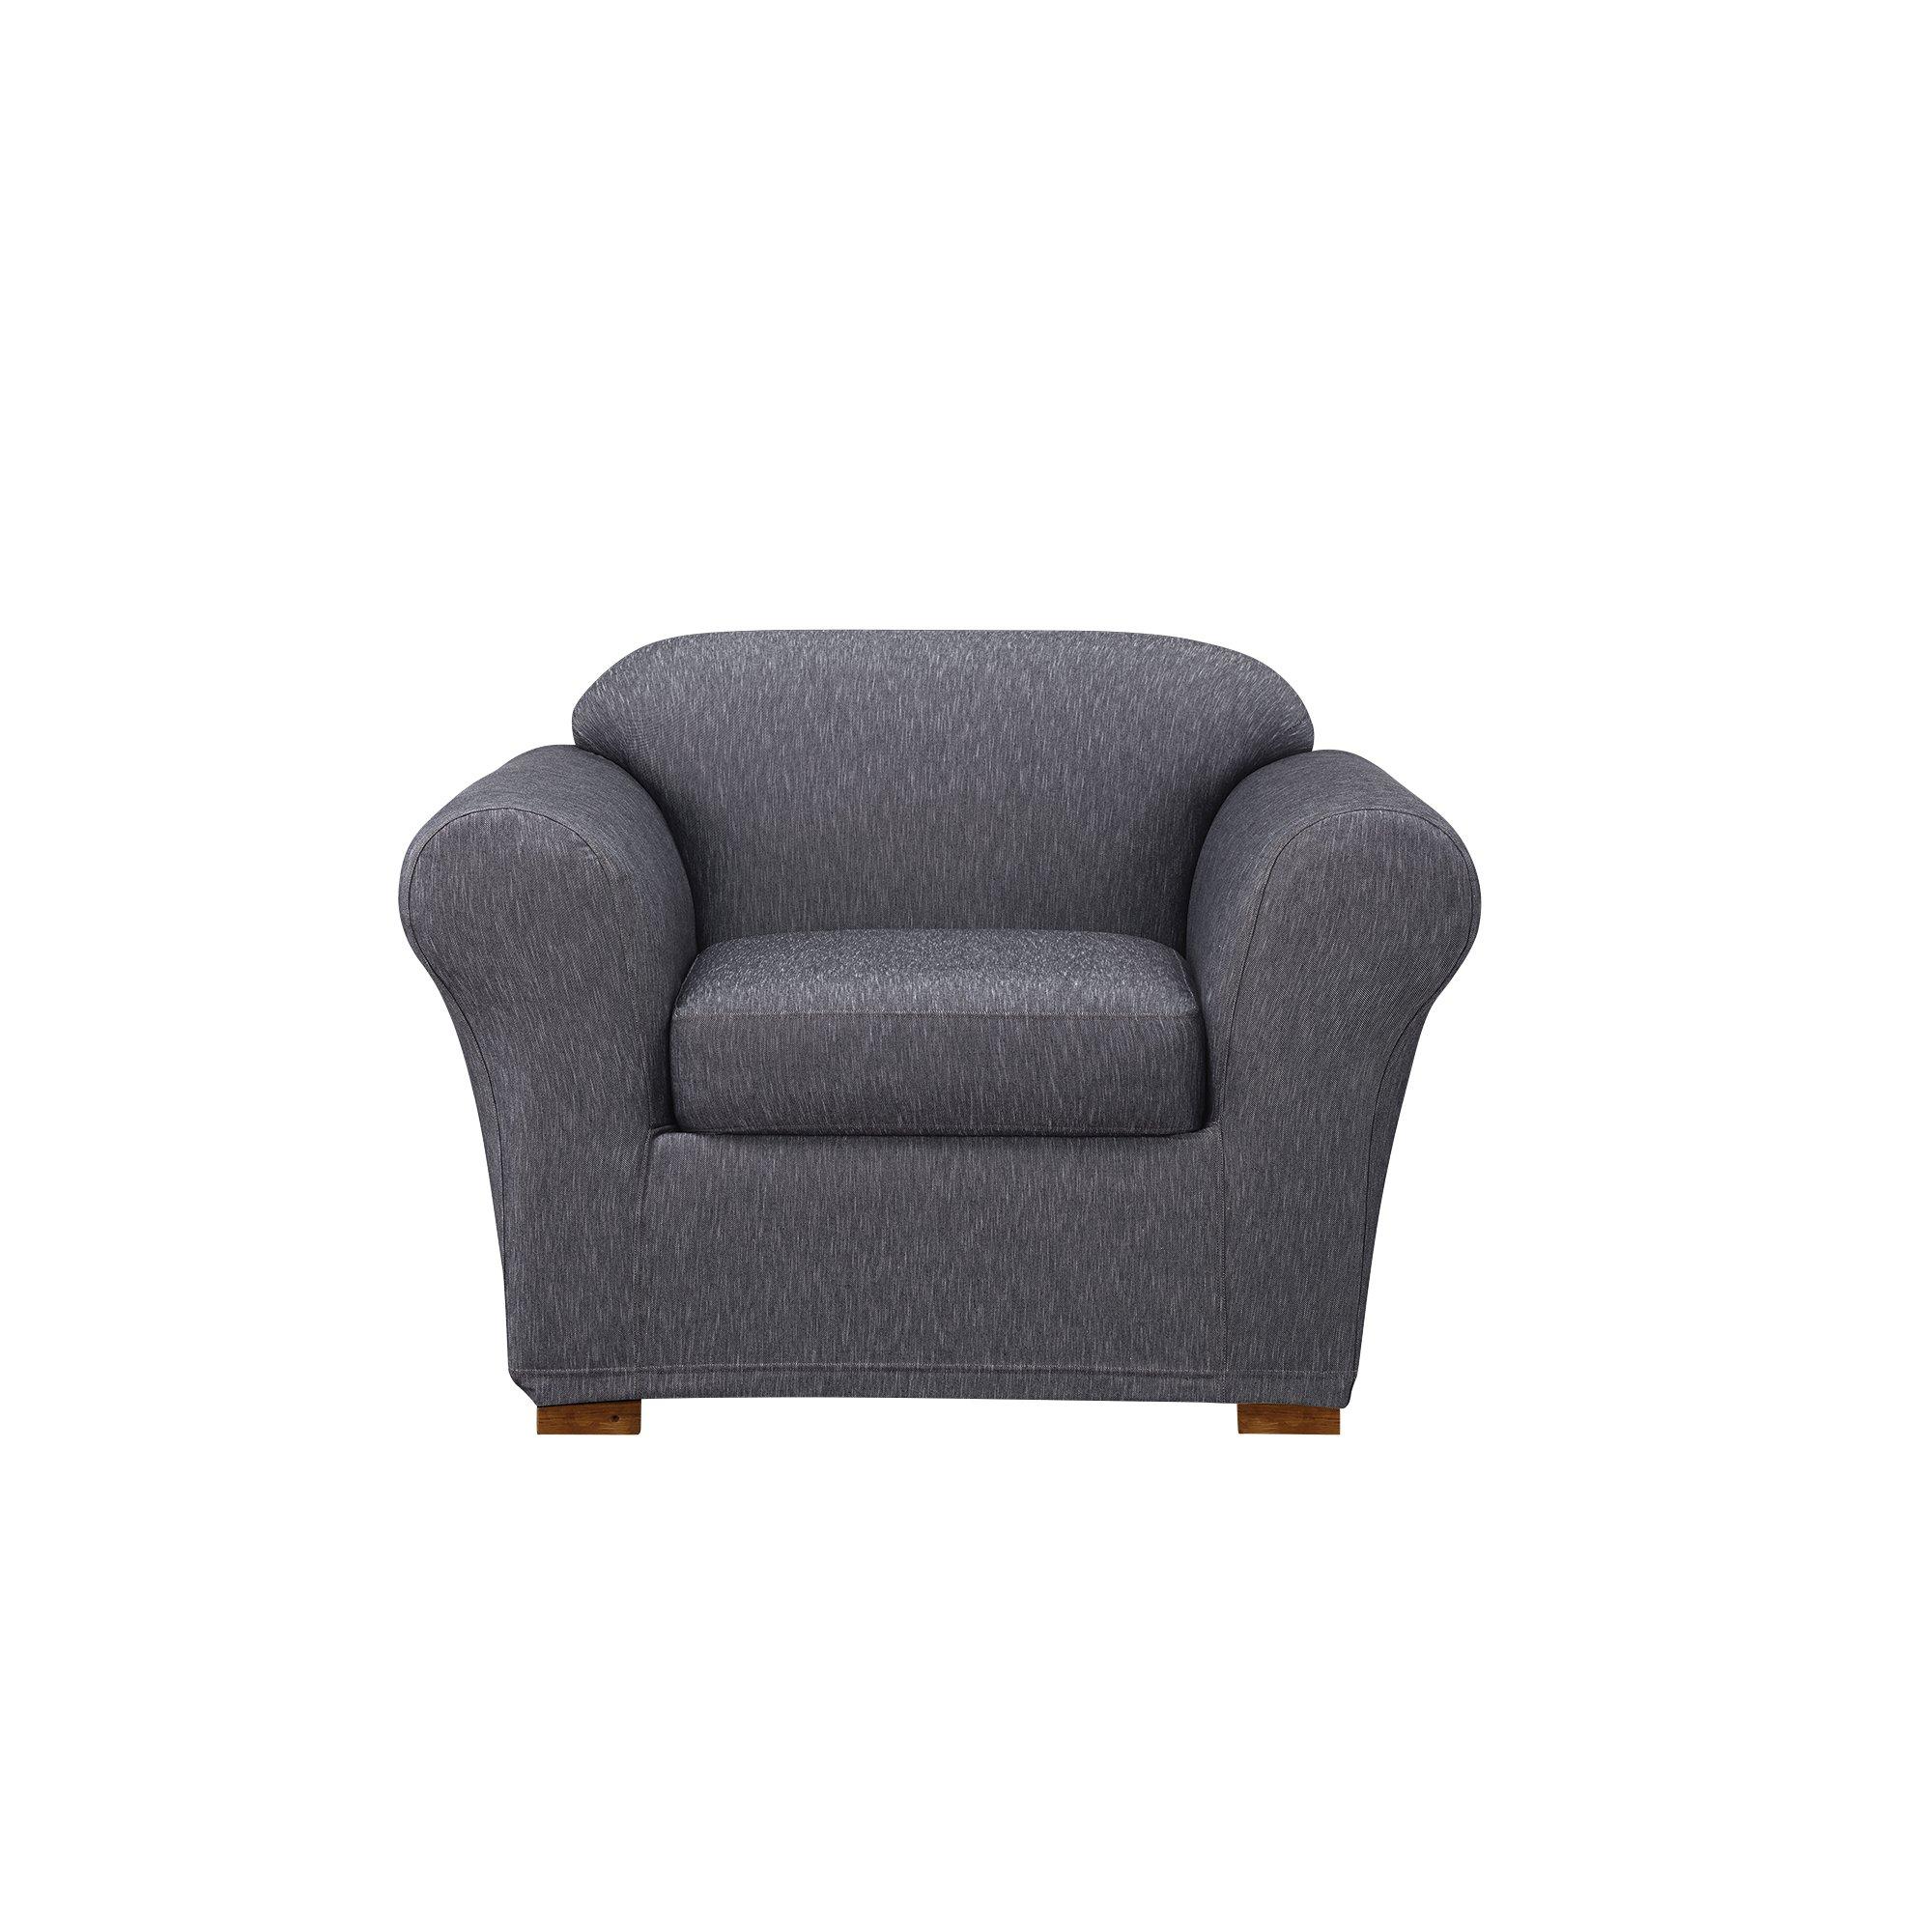 Sure Fit Stretch Denim One Piece Slipcover, Chair, Dark Indigo